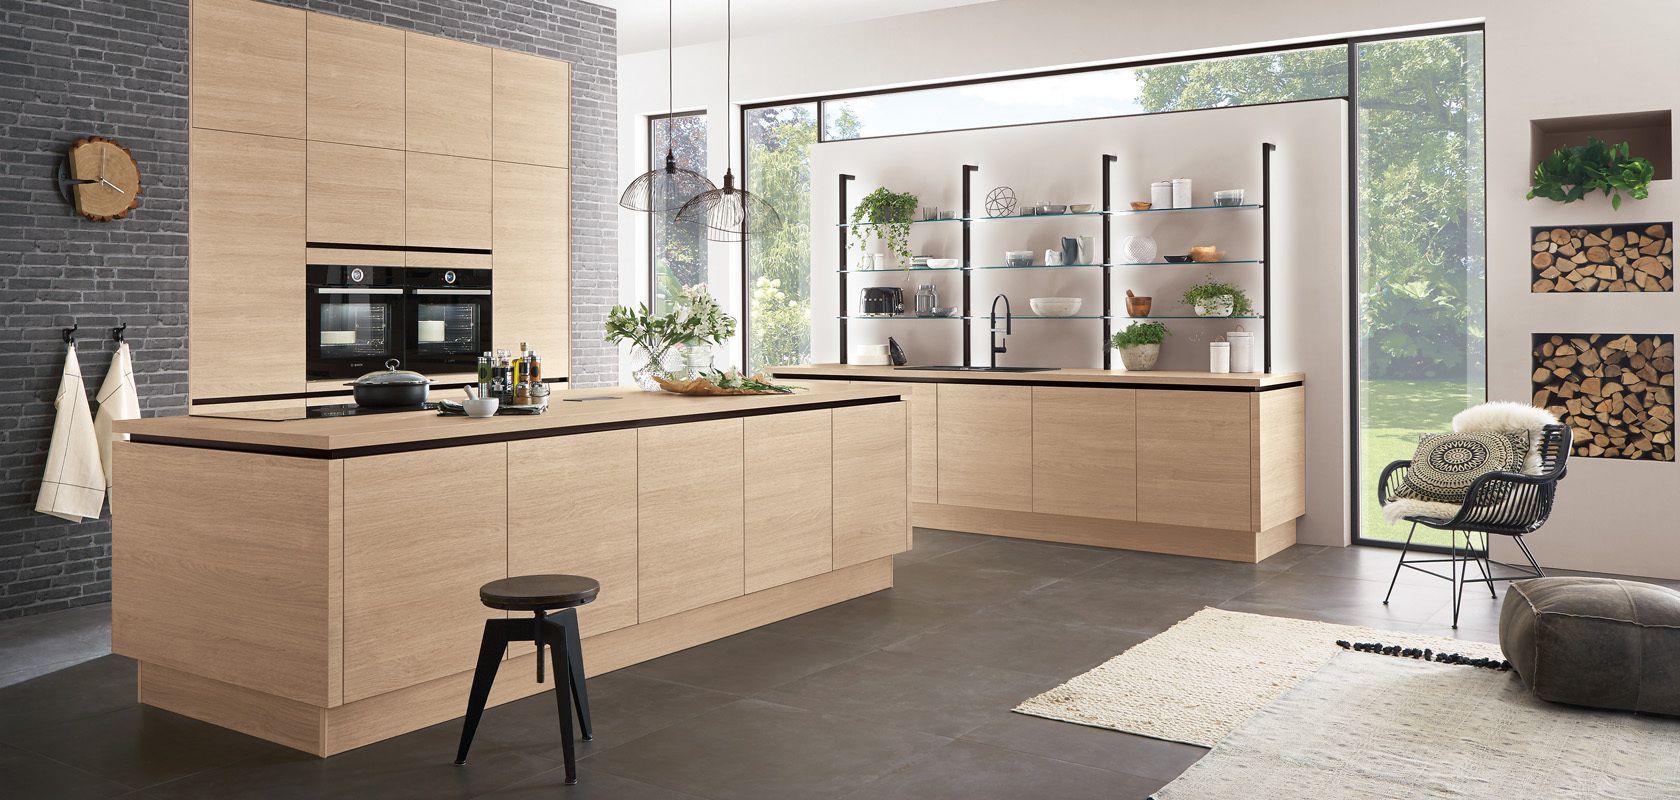 Nobilia Riva 887 In 2020 Modern Kitchen Cabinets Modern Kitchen Kitchen Design